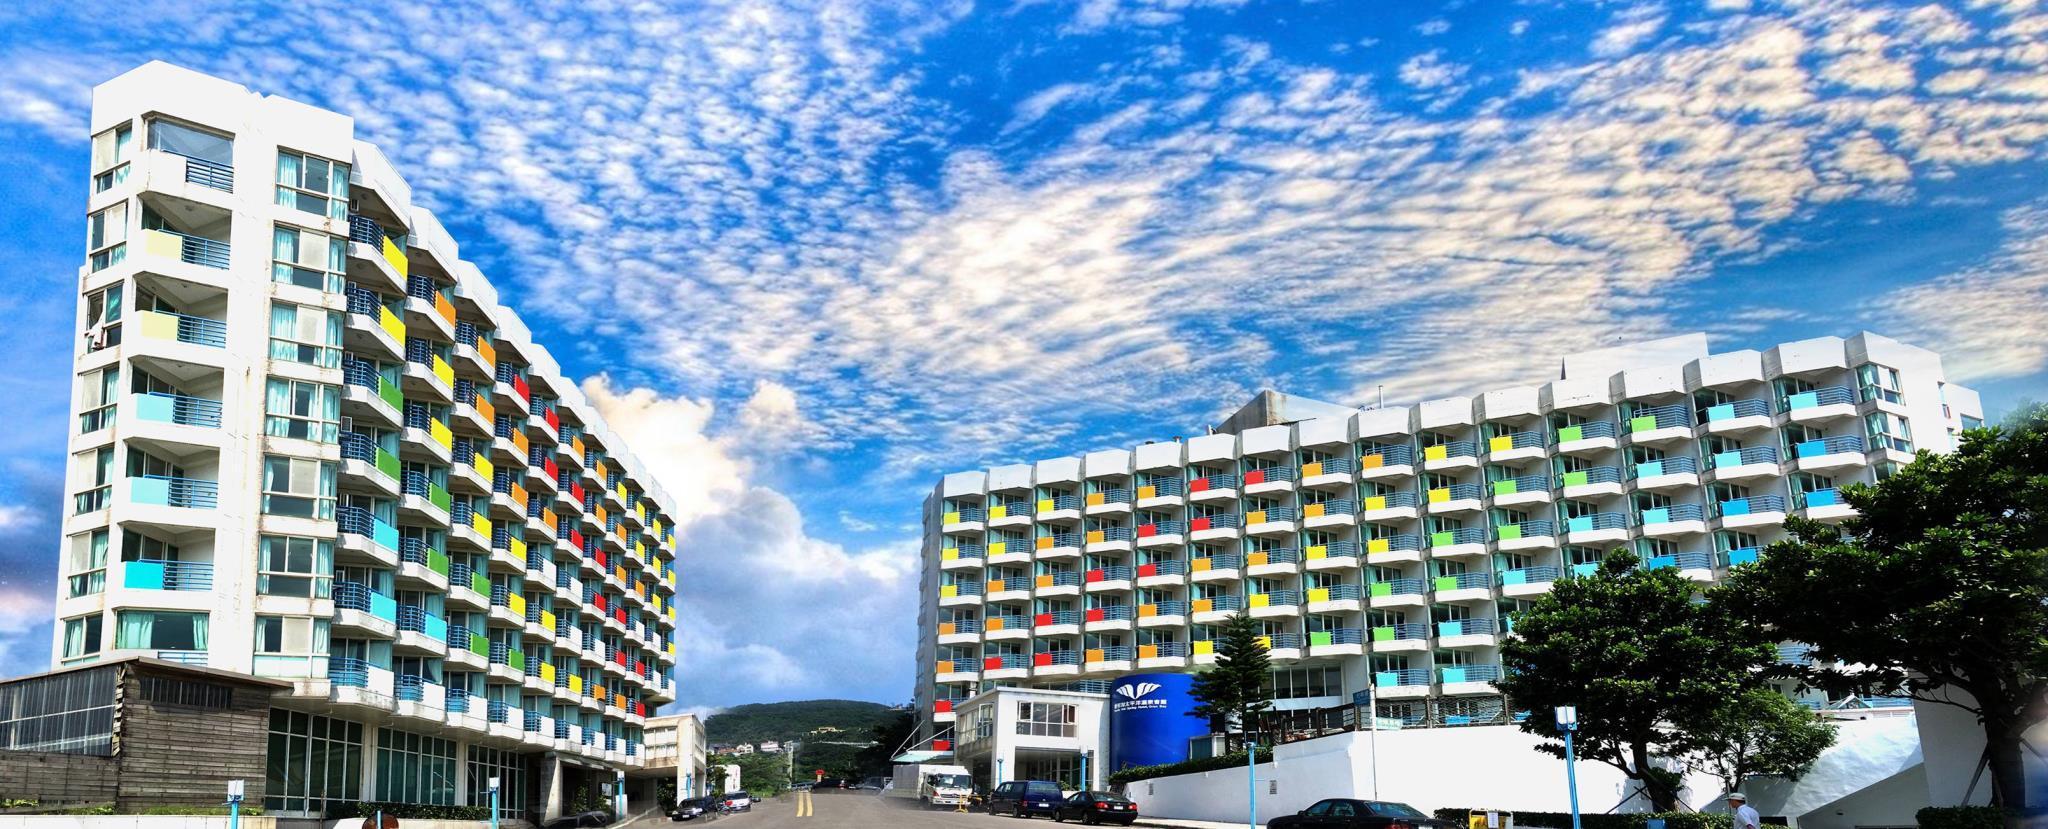 太平洋翡翠灣溫泉渡假飯店 - 萬里 (Pacific Hot Spring Hotel Green Bay) (臺北市) - 2018 最新優惠價 Agoda.com